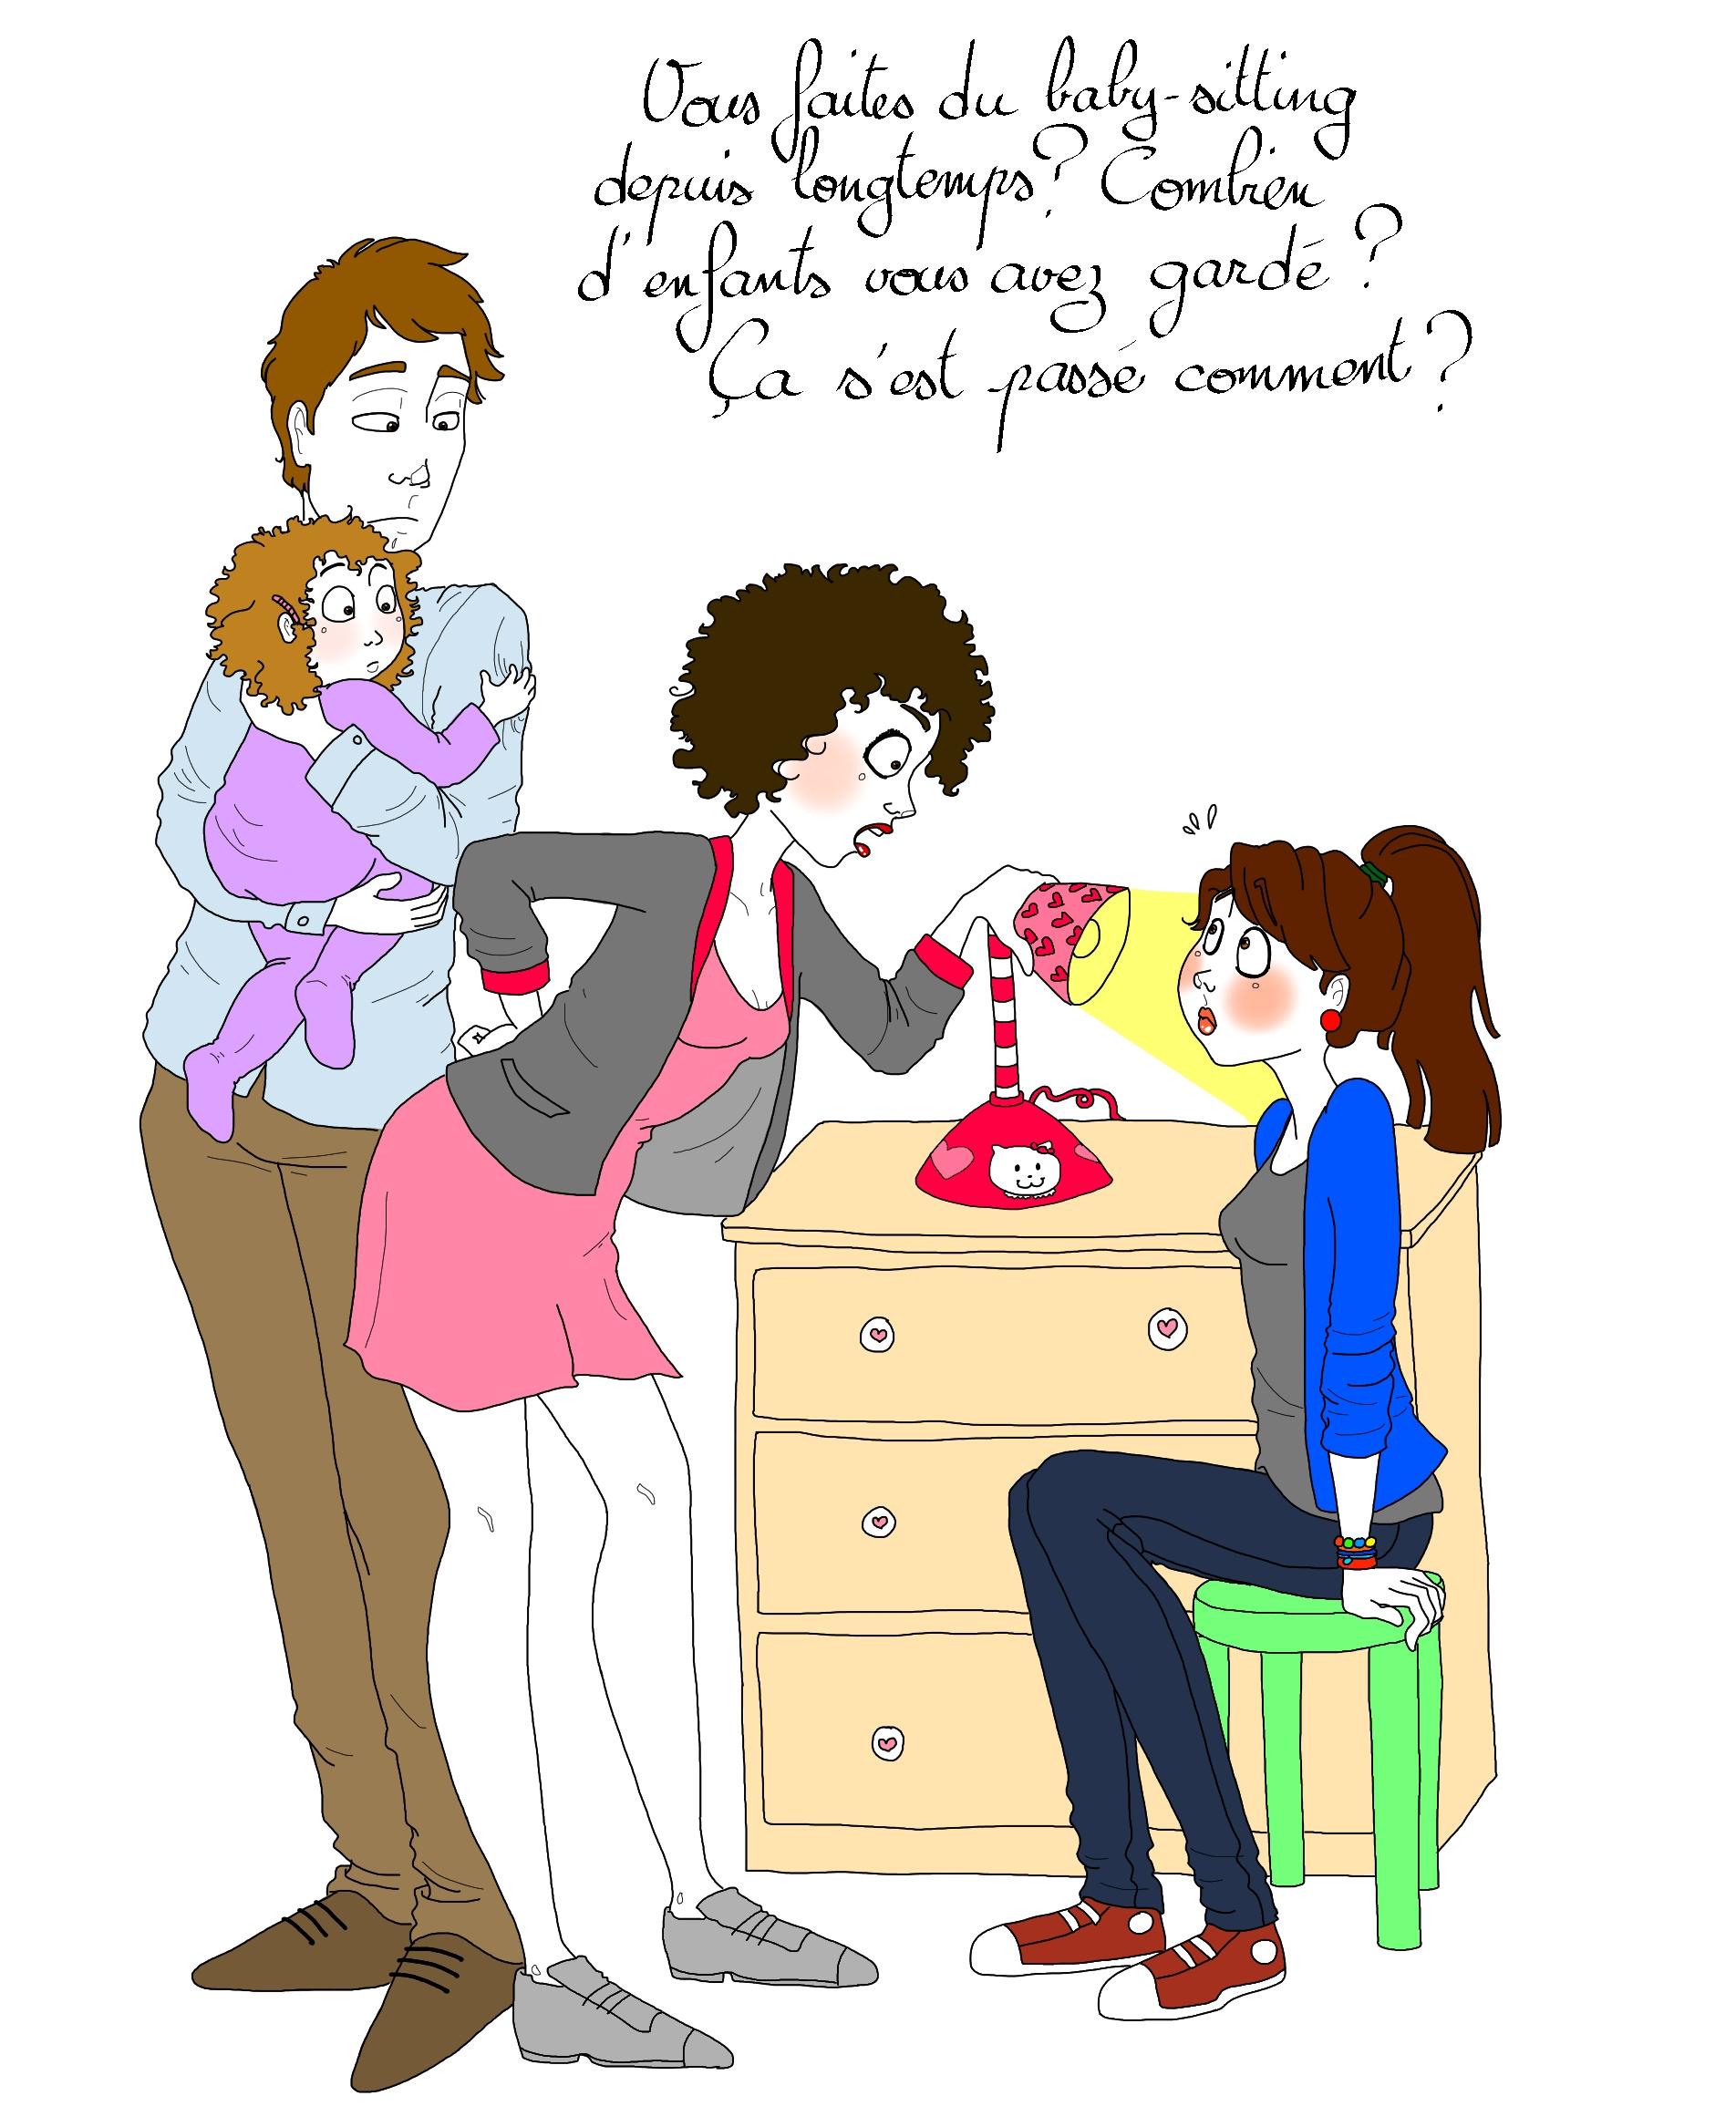 Comment faire une checklist de consignes pour la baby sitter - Comment peut on faire une fausse couche ...